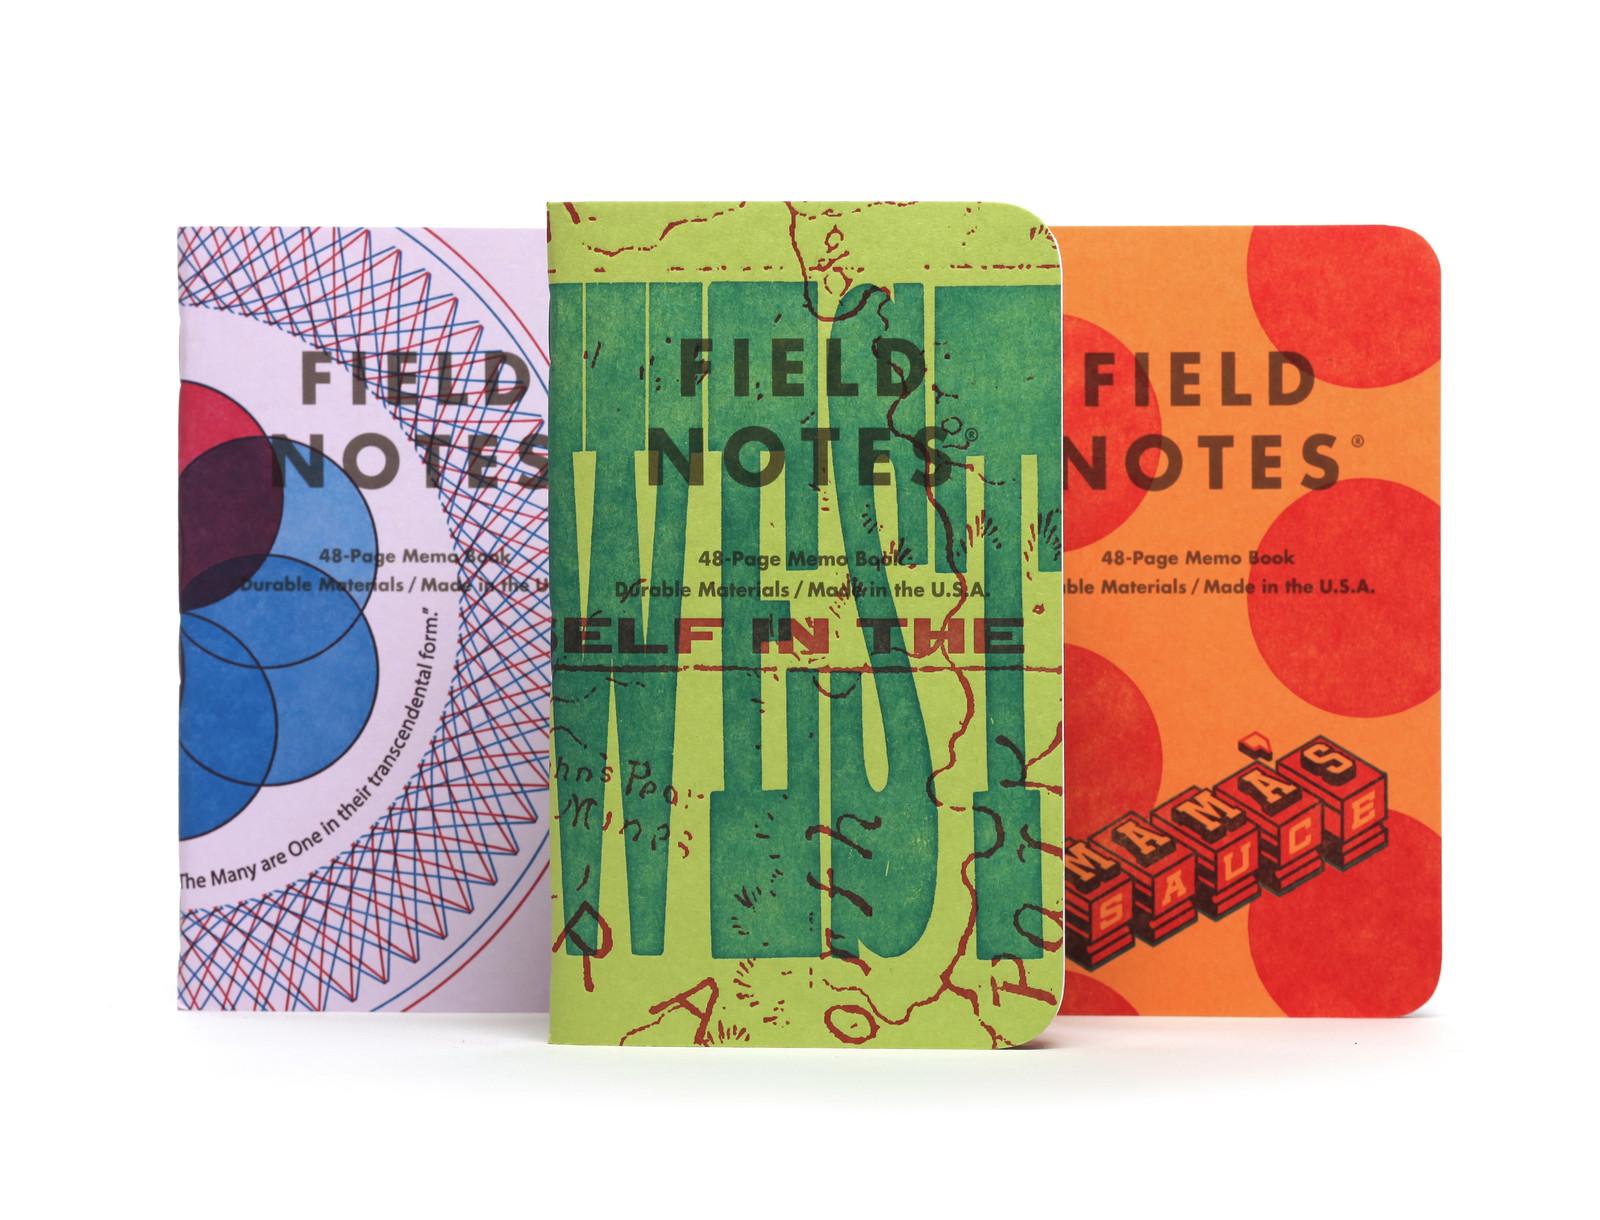 field notes letterpress 1